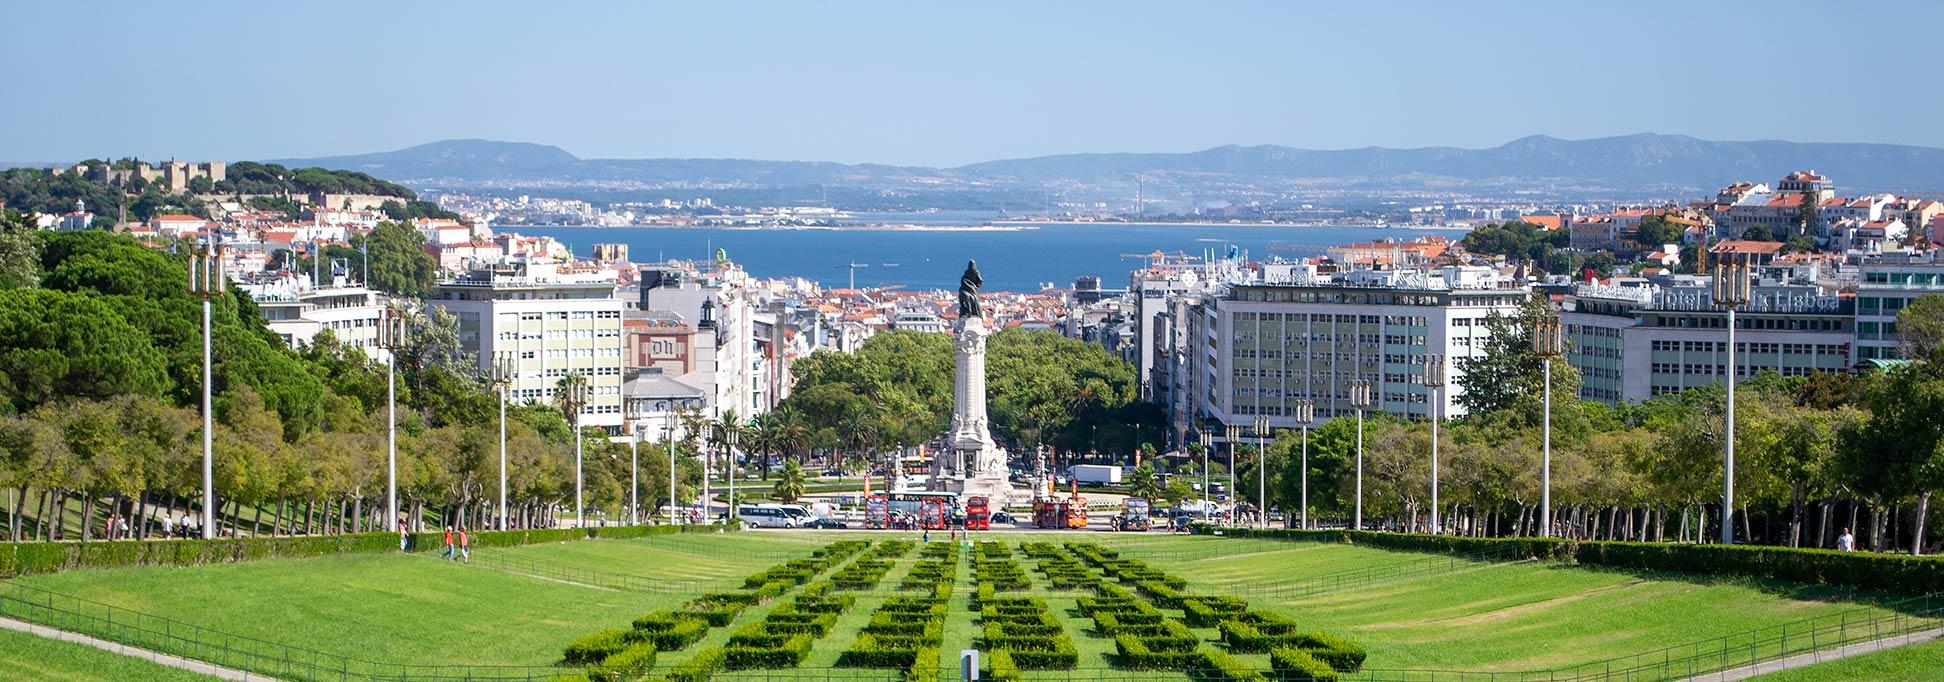 Quyền lời nhà đầu tư tại Bồ Đào Nha